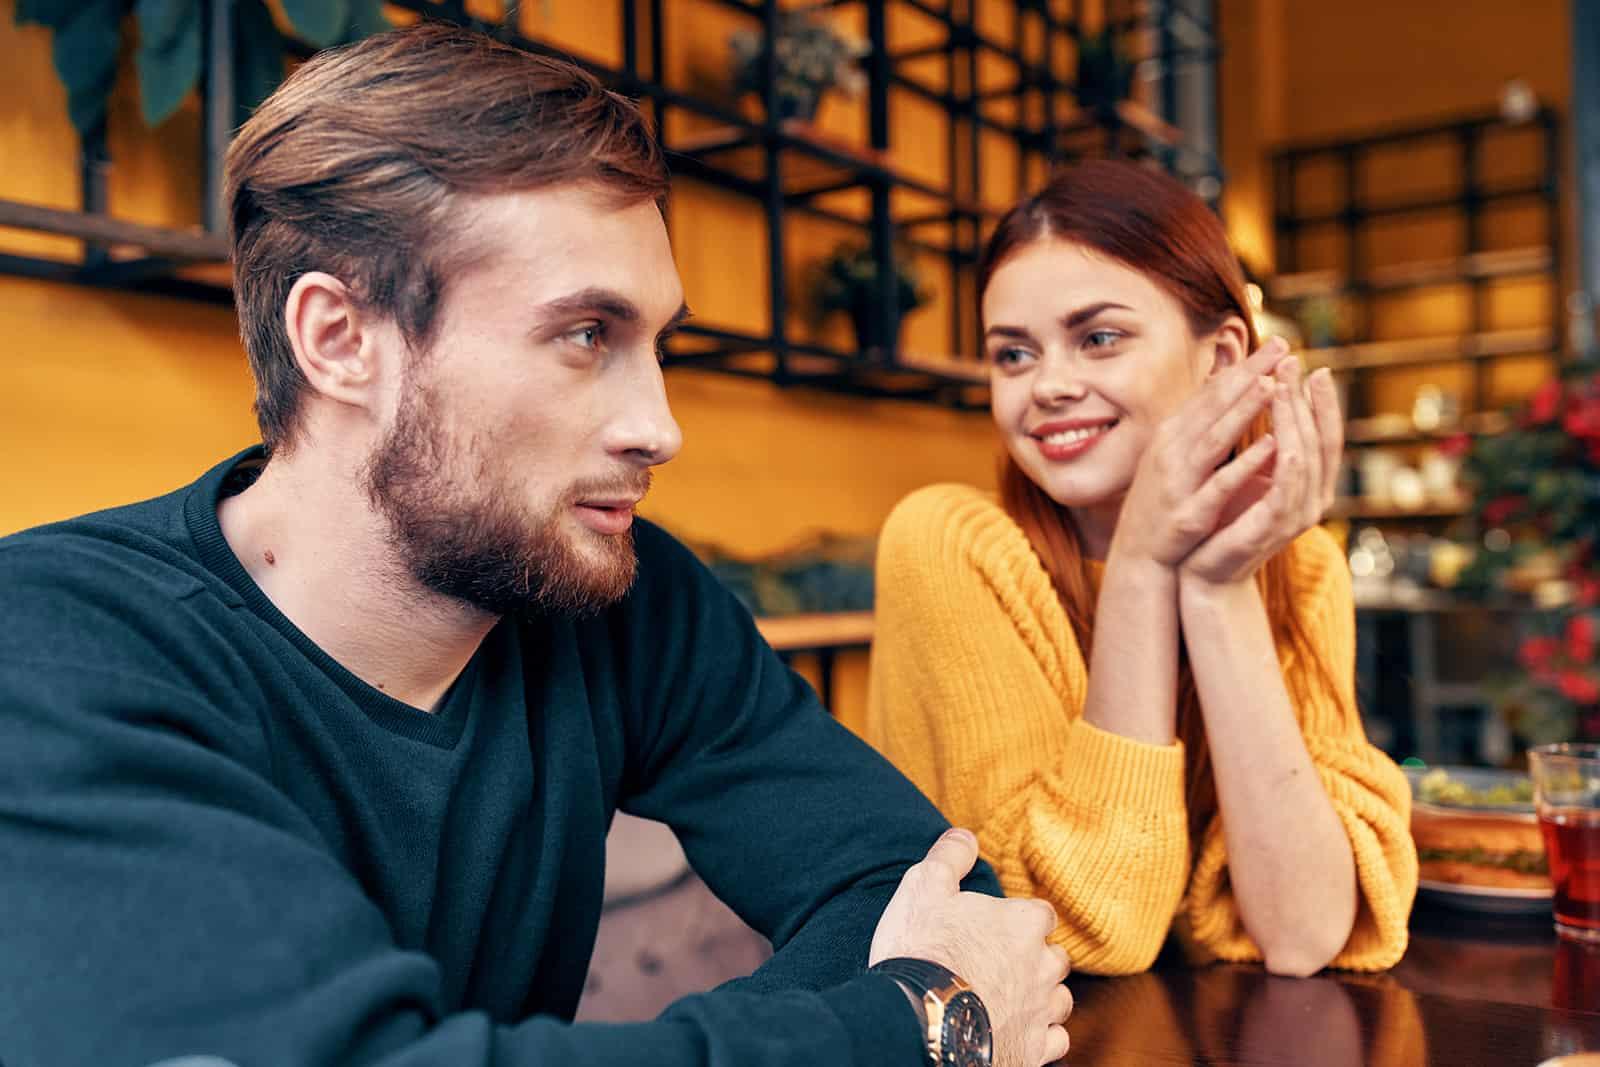 eine lächelnde Frau, die einen attraktiven Mann betrachtet, während sie zusammen im Café sitzen